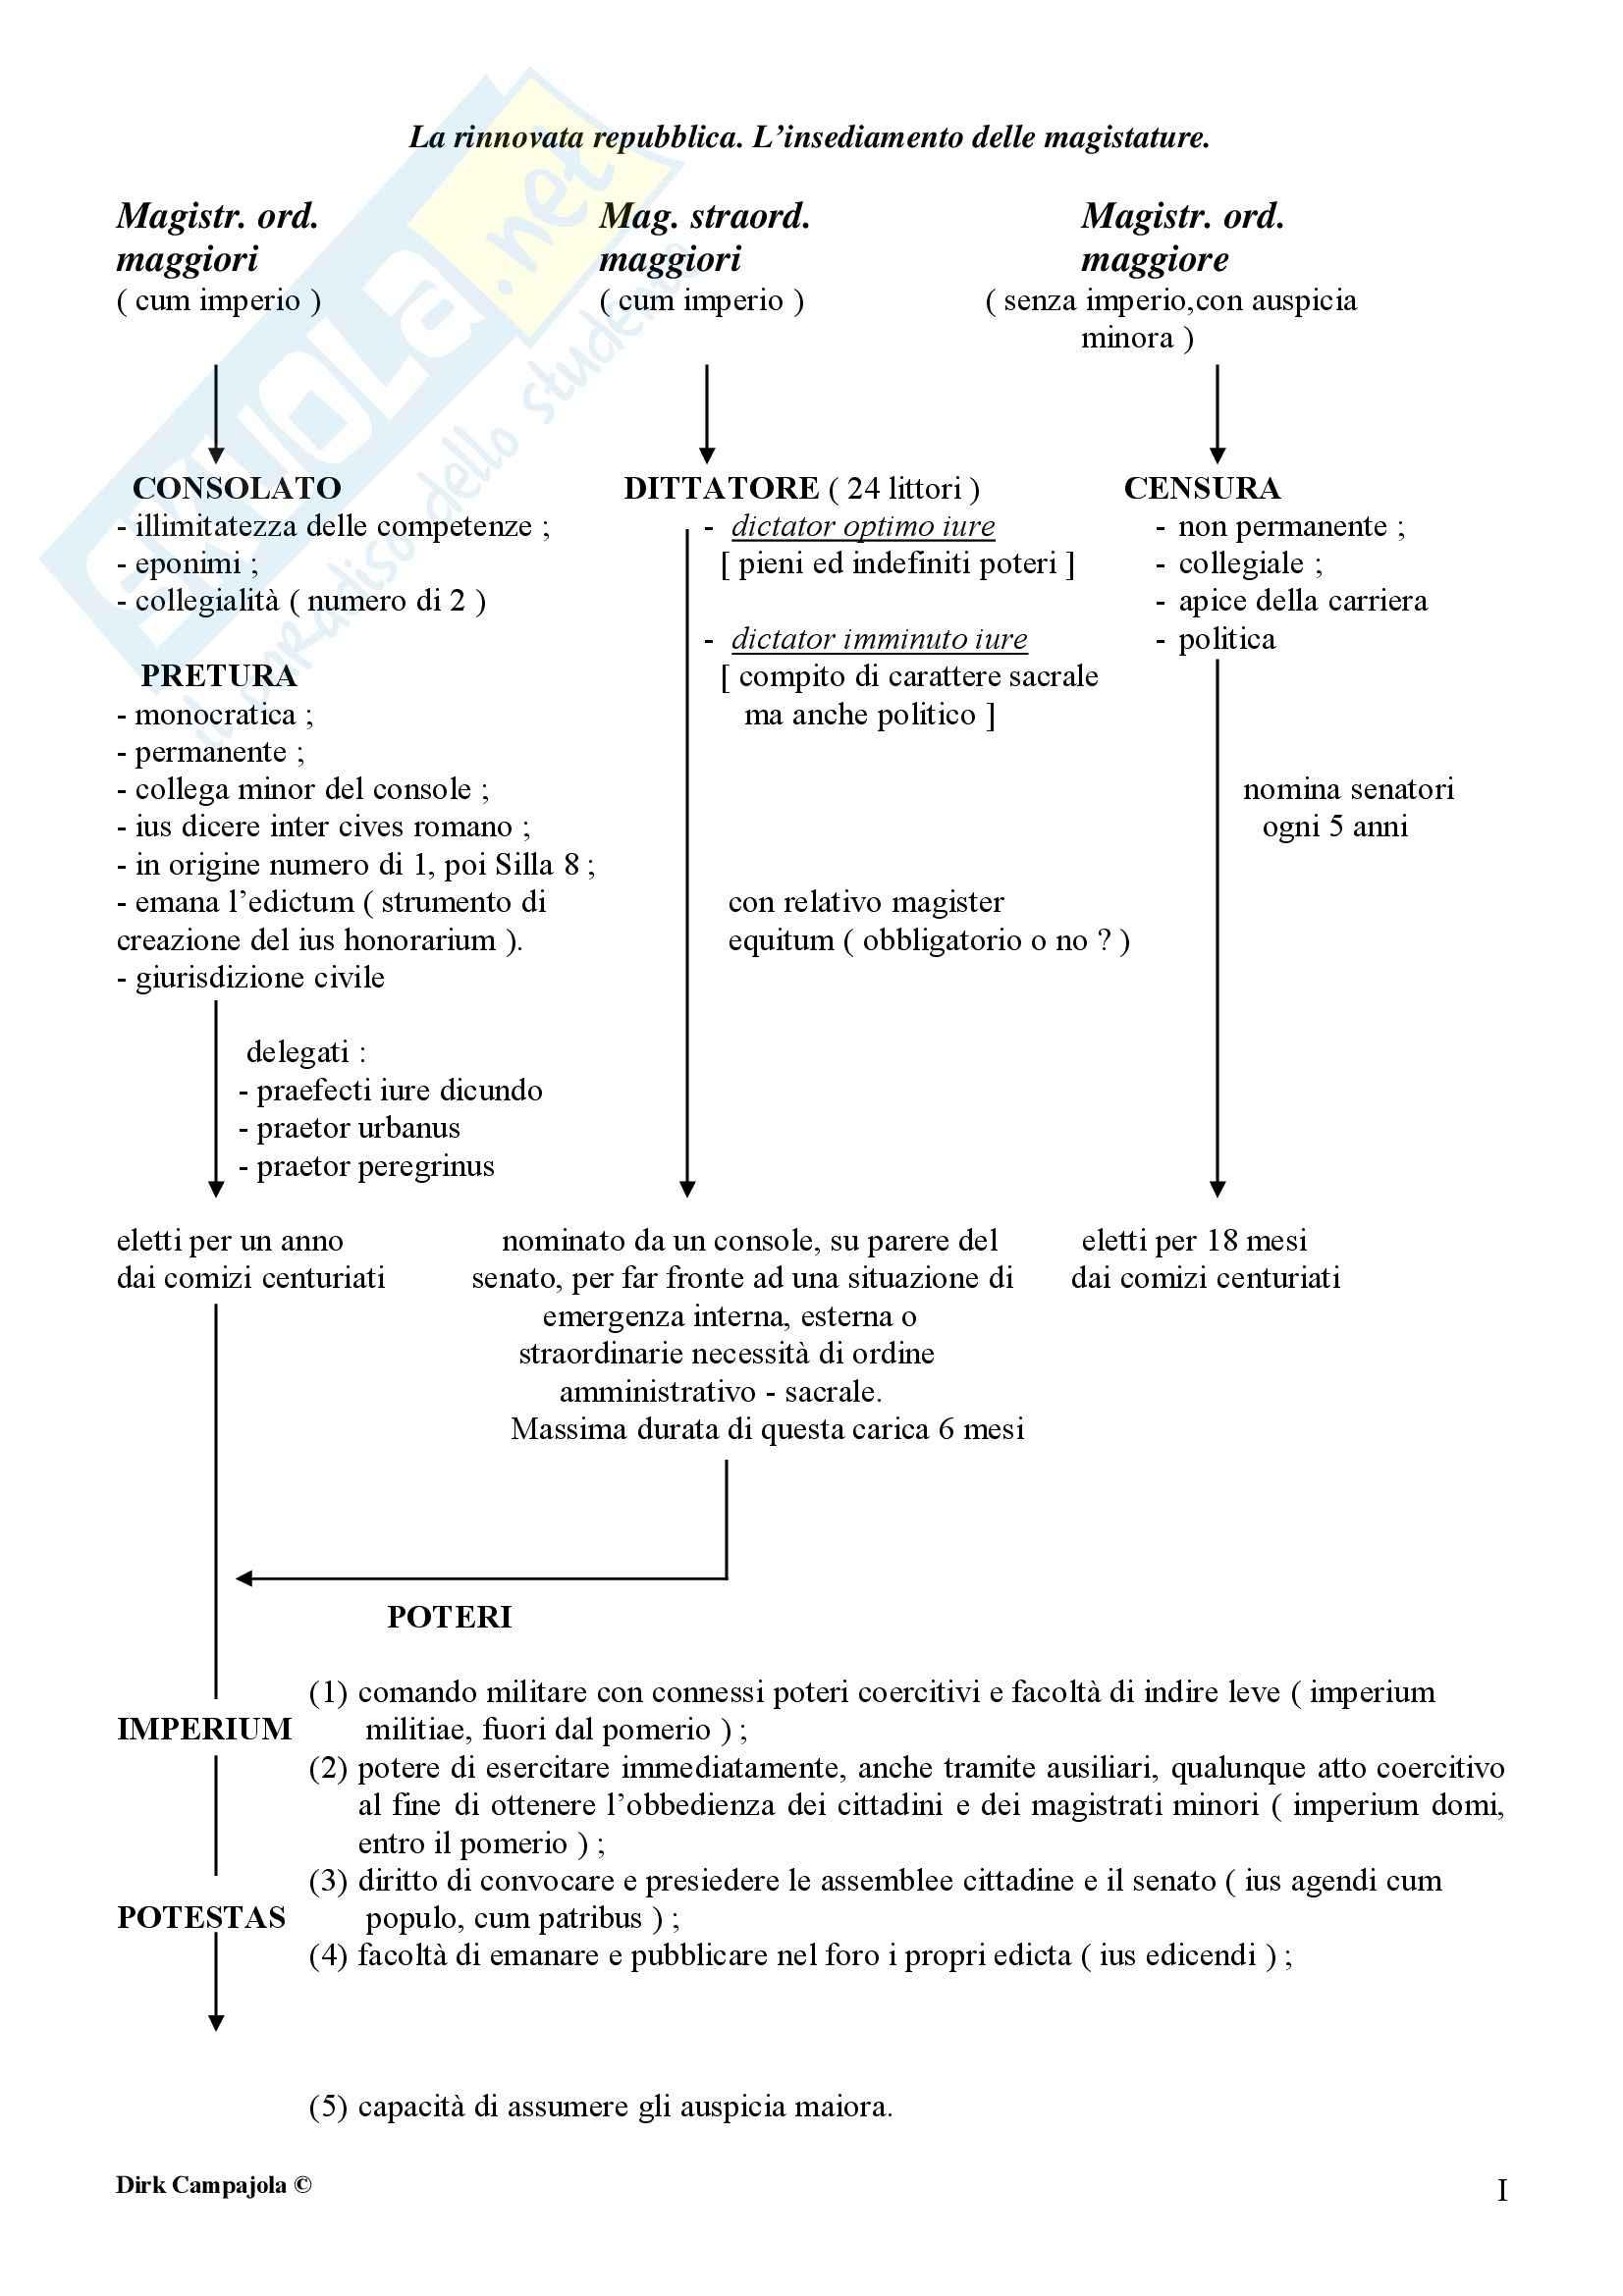 Storia del diritto romano - Istituzioni repubblicane del II sec. a.C.